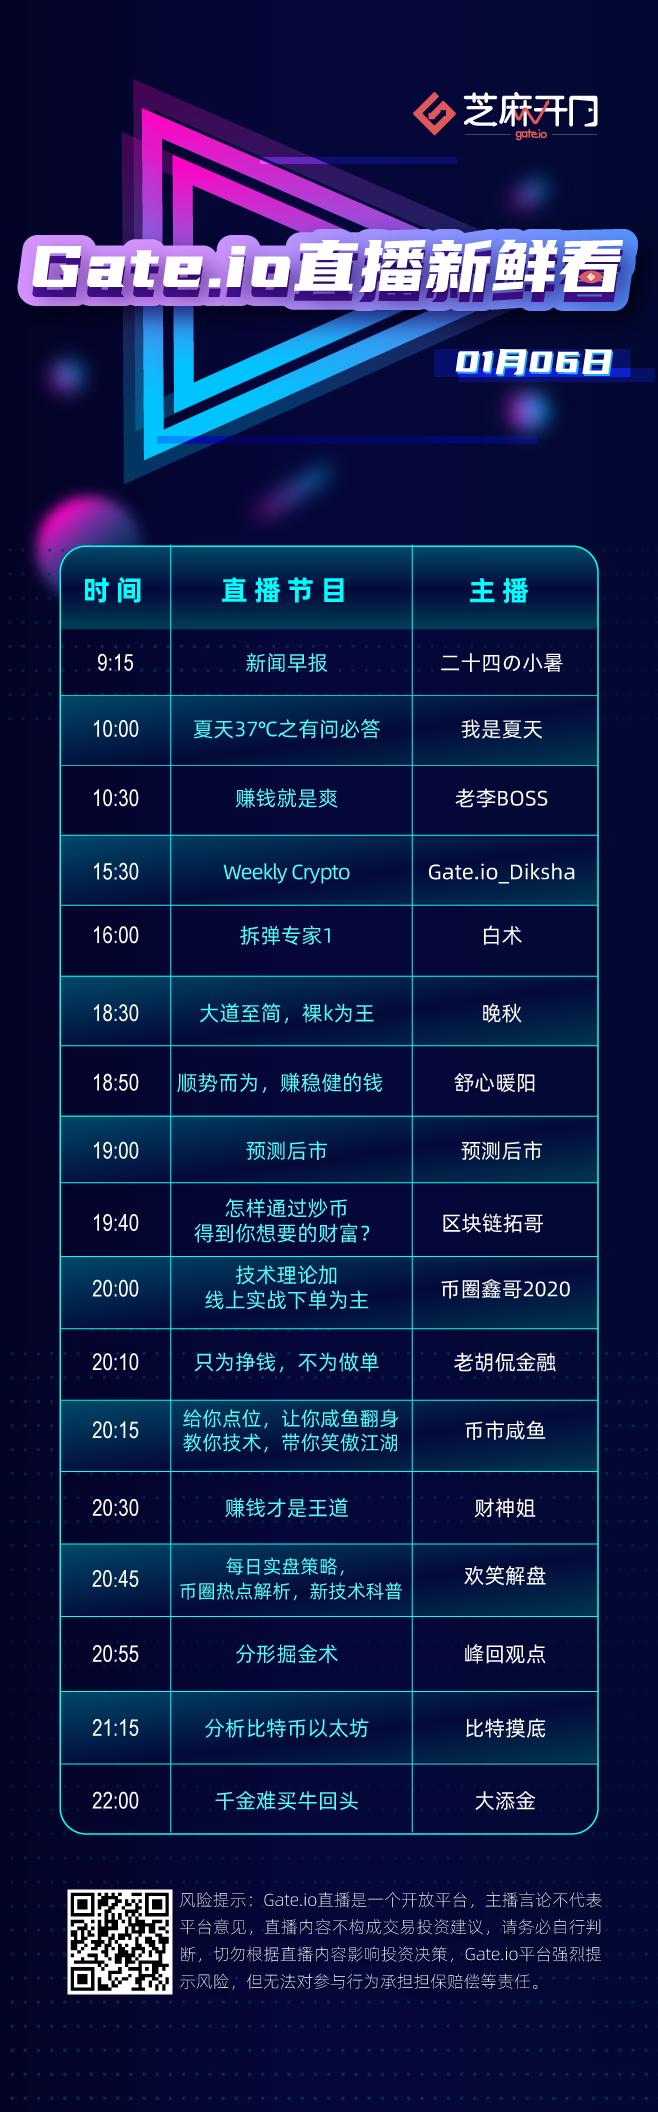 Gate.io芝麻开门今日直播:顺势而为、技术理论等17个节目即将开播插图1